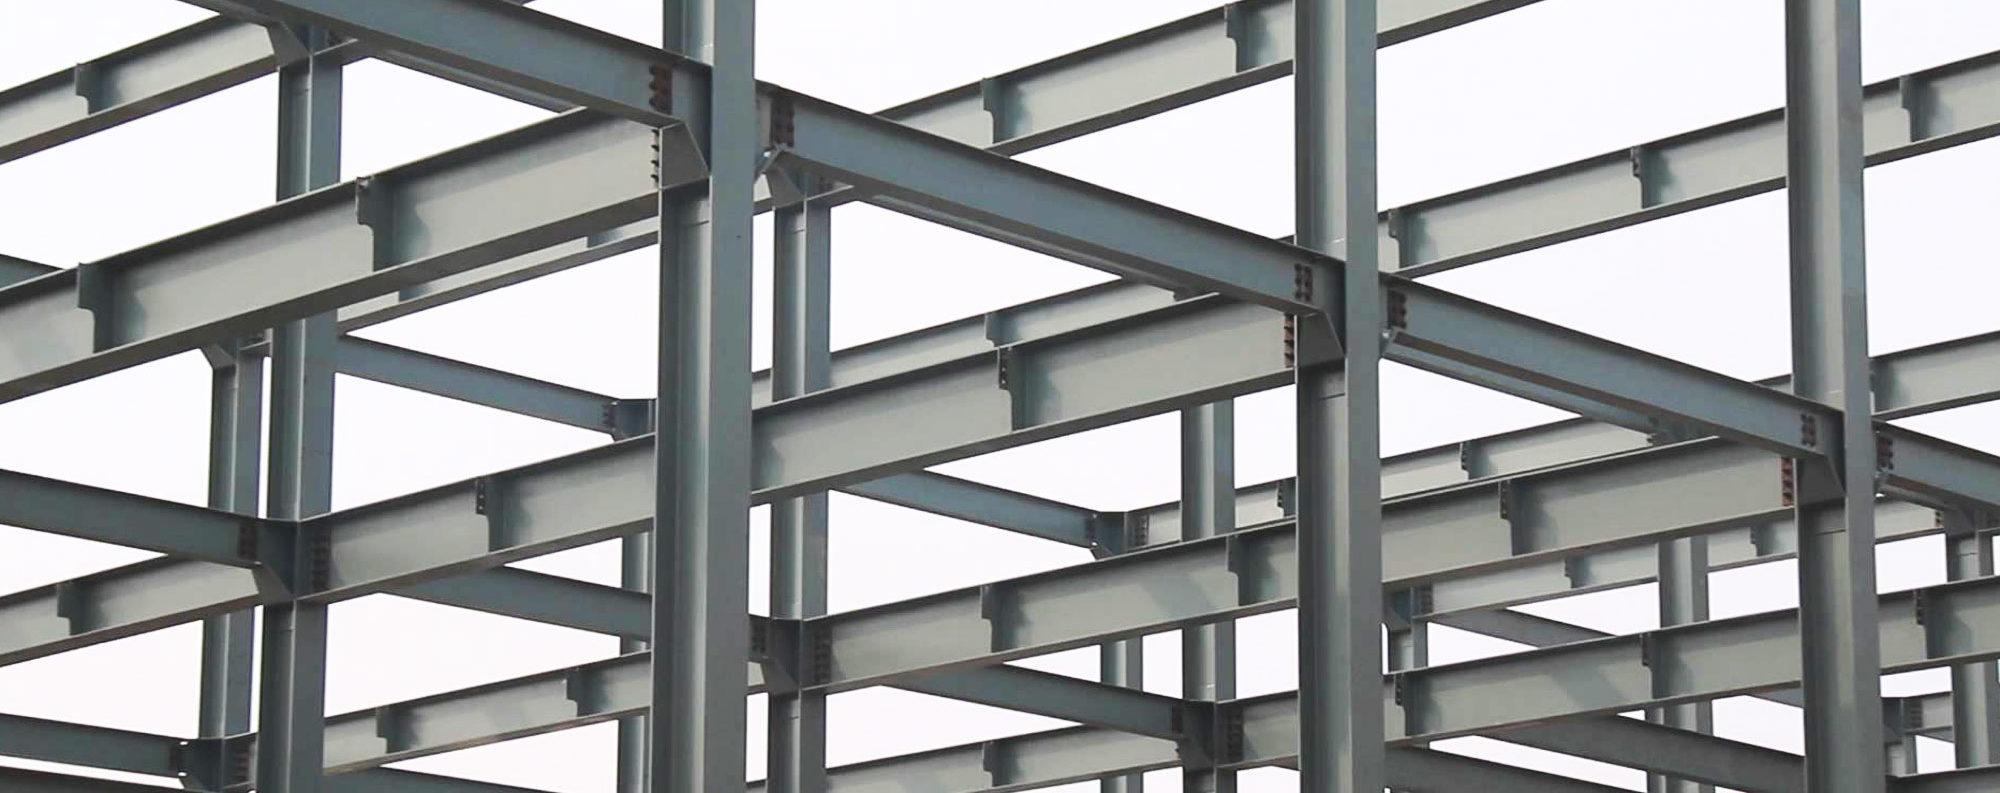 Runwaysteel – Runway Steel Contracting LLC